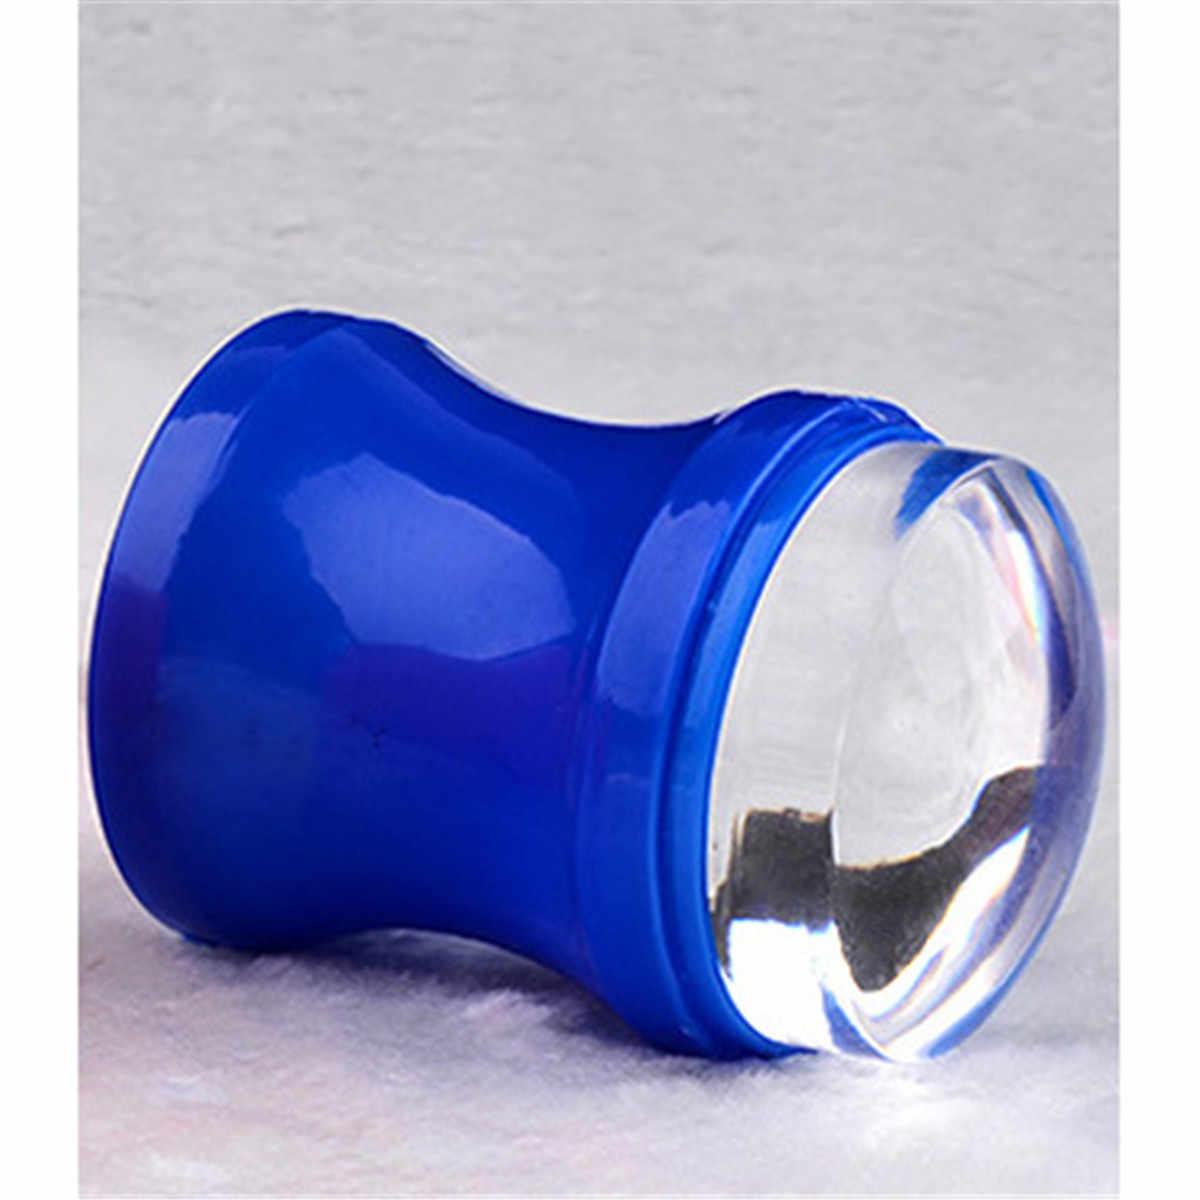 การออกแบบมะระวุ้นเล็บ 3.8 เซนติเมตรขนาดใหญ่ Stamper โปร่งใสสีแดงสีฟ้าซิลิโคนมาร์ชแมลเลี่ยมเครื่องตอกตะปูเครื่องขูดชุด